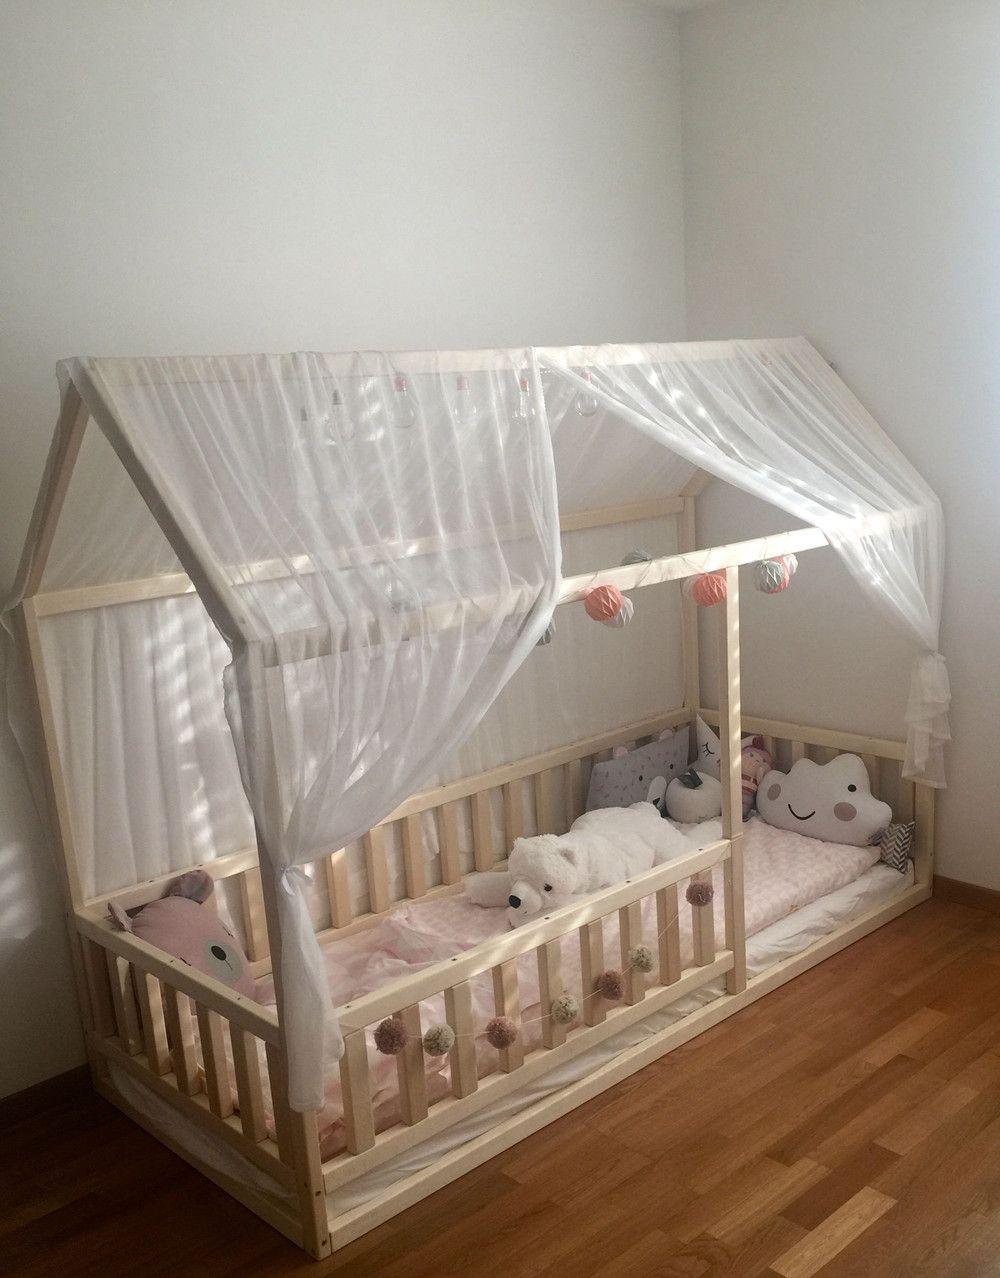 Fabelhaft Bett Größe Das Beste Von Kinderbetten - Kinderbett, Montessori-bett Größe 140x70 Cm